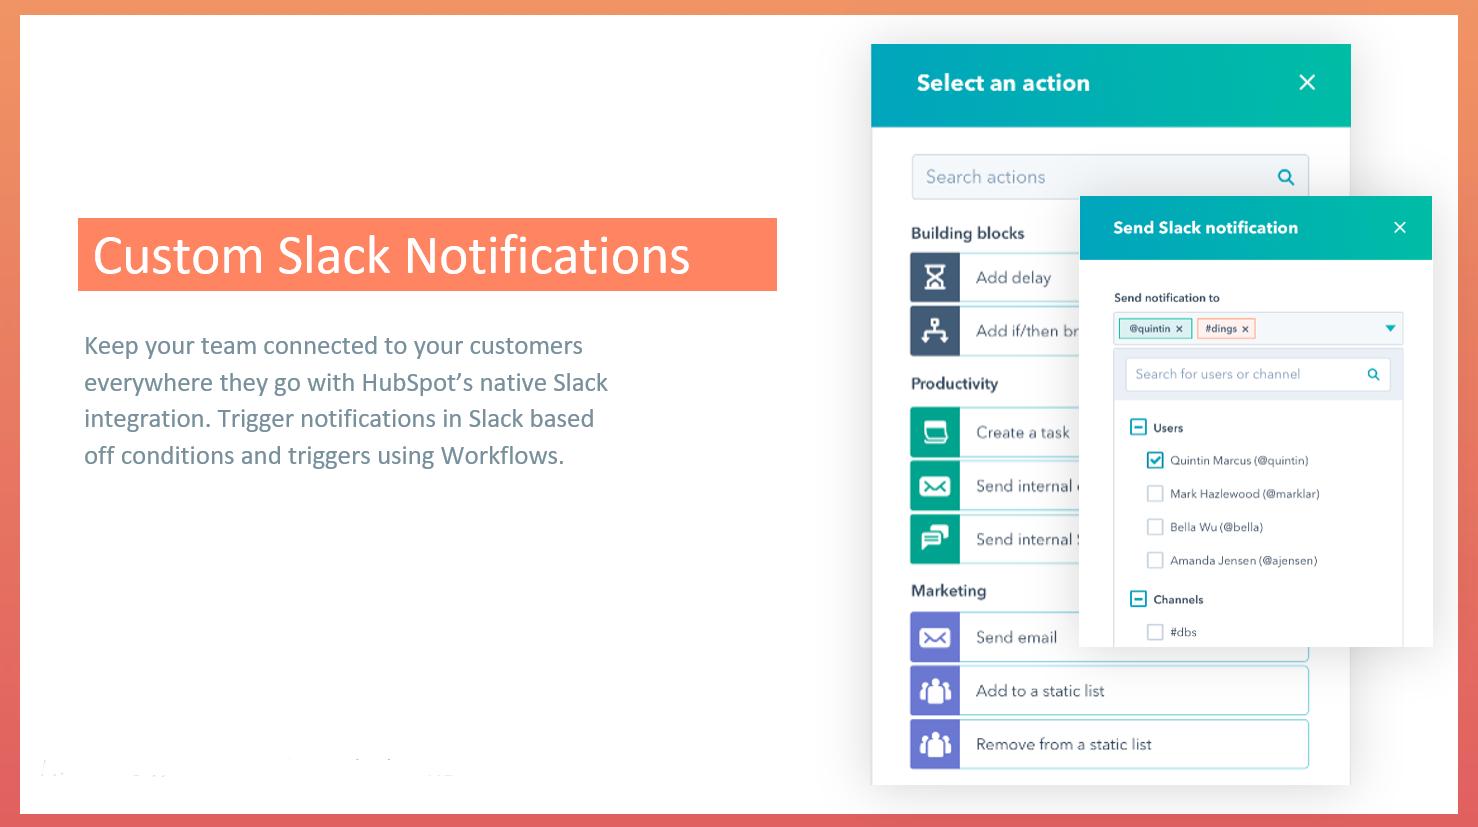 Custom Slack notifications